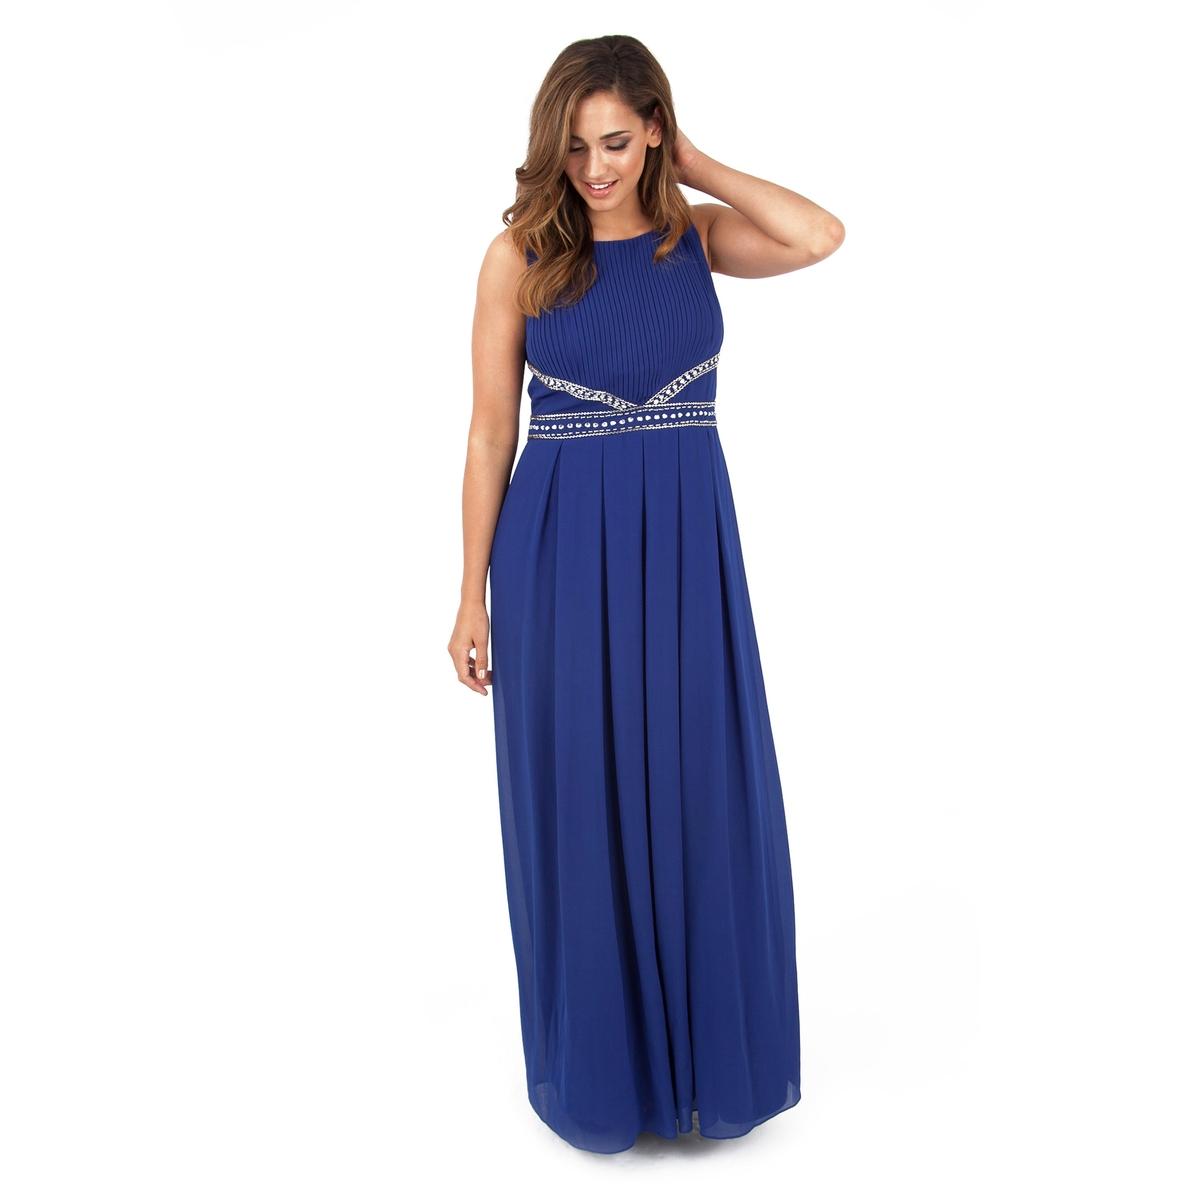 Платье длинноеПлатье длинное без рукавов - LOVEDROBE. Красивый украшенный стразами пояс, застежка на молнию сзади. Эффект плиссировки. 100% полиэстера.<br><br>Цвет: синий морской